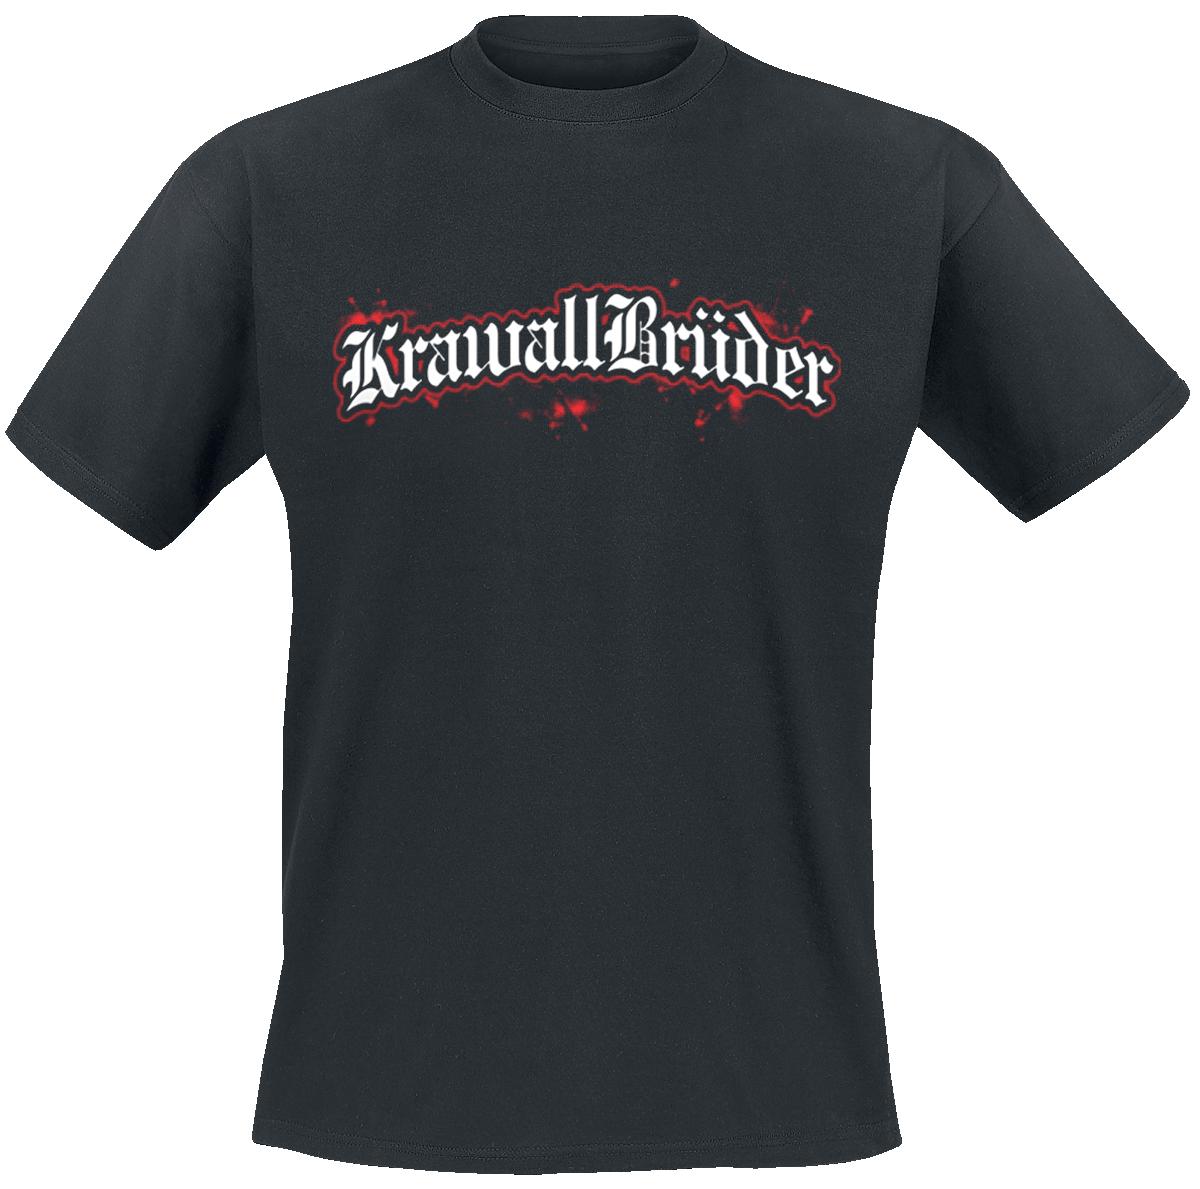 KrawallBrüder - Logo - T-Shirt - black image